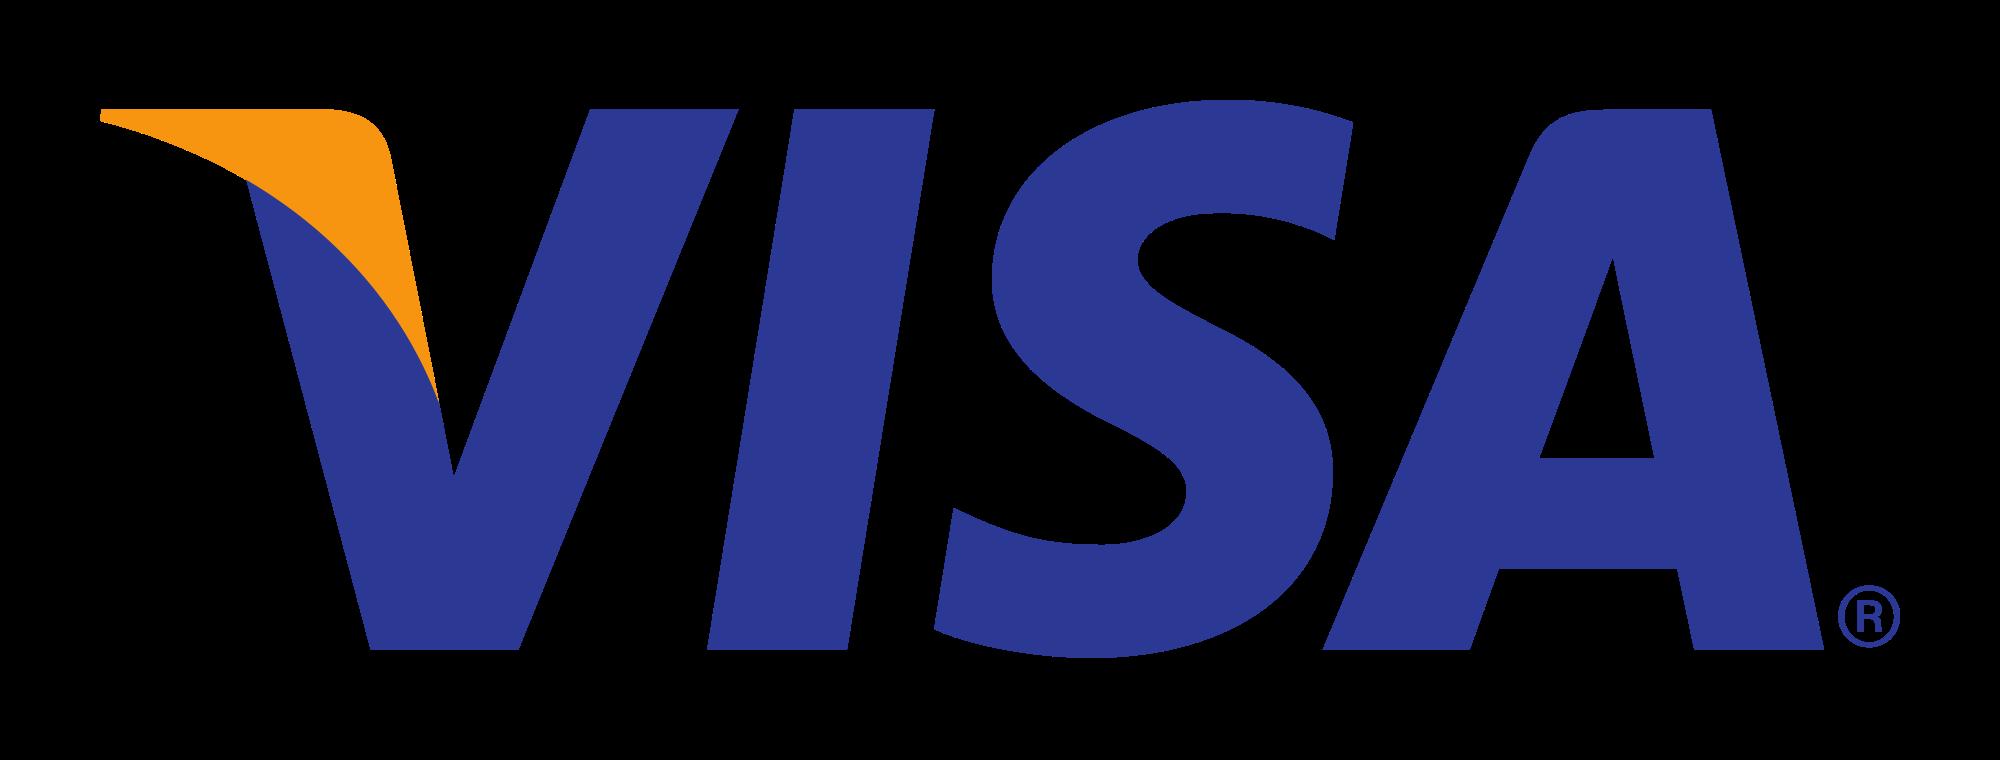 Visa Là Gì? Tìm Hiểu Về Visa Là Gì?